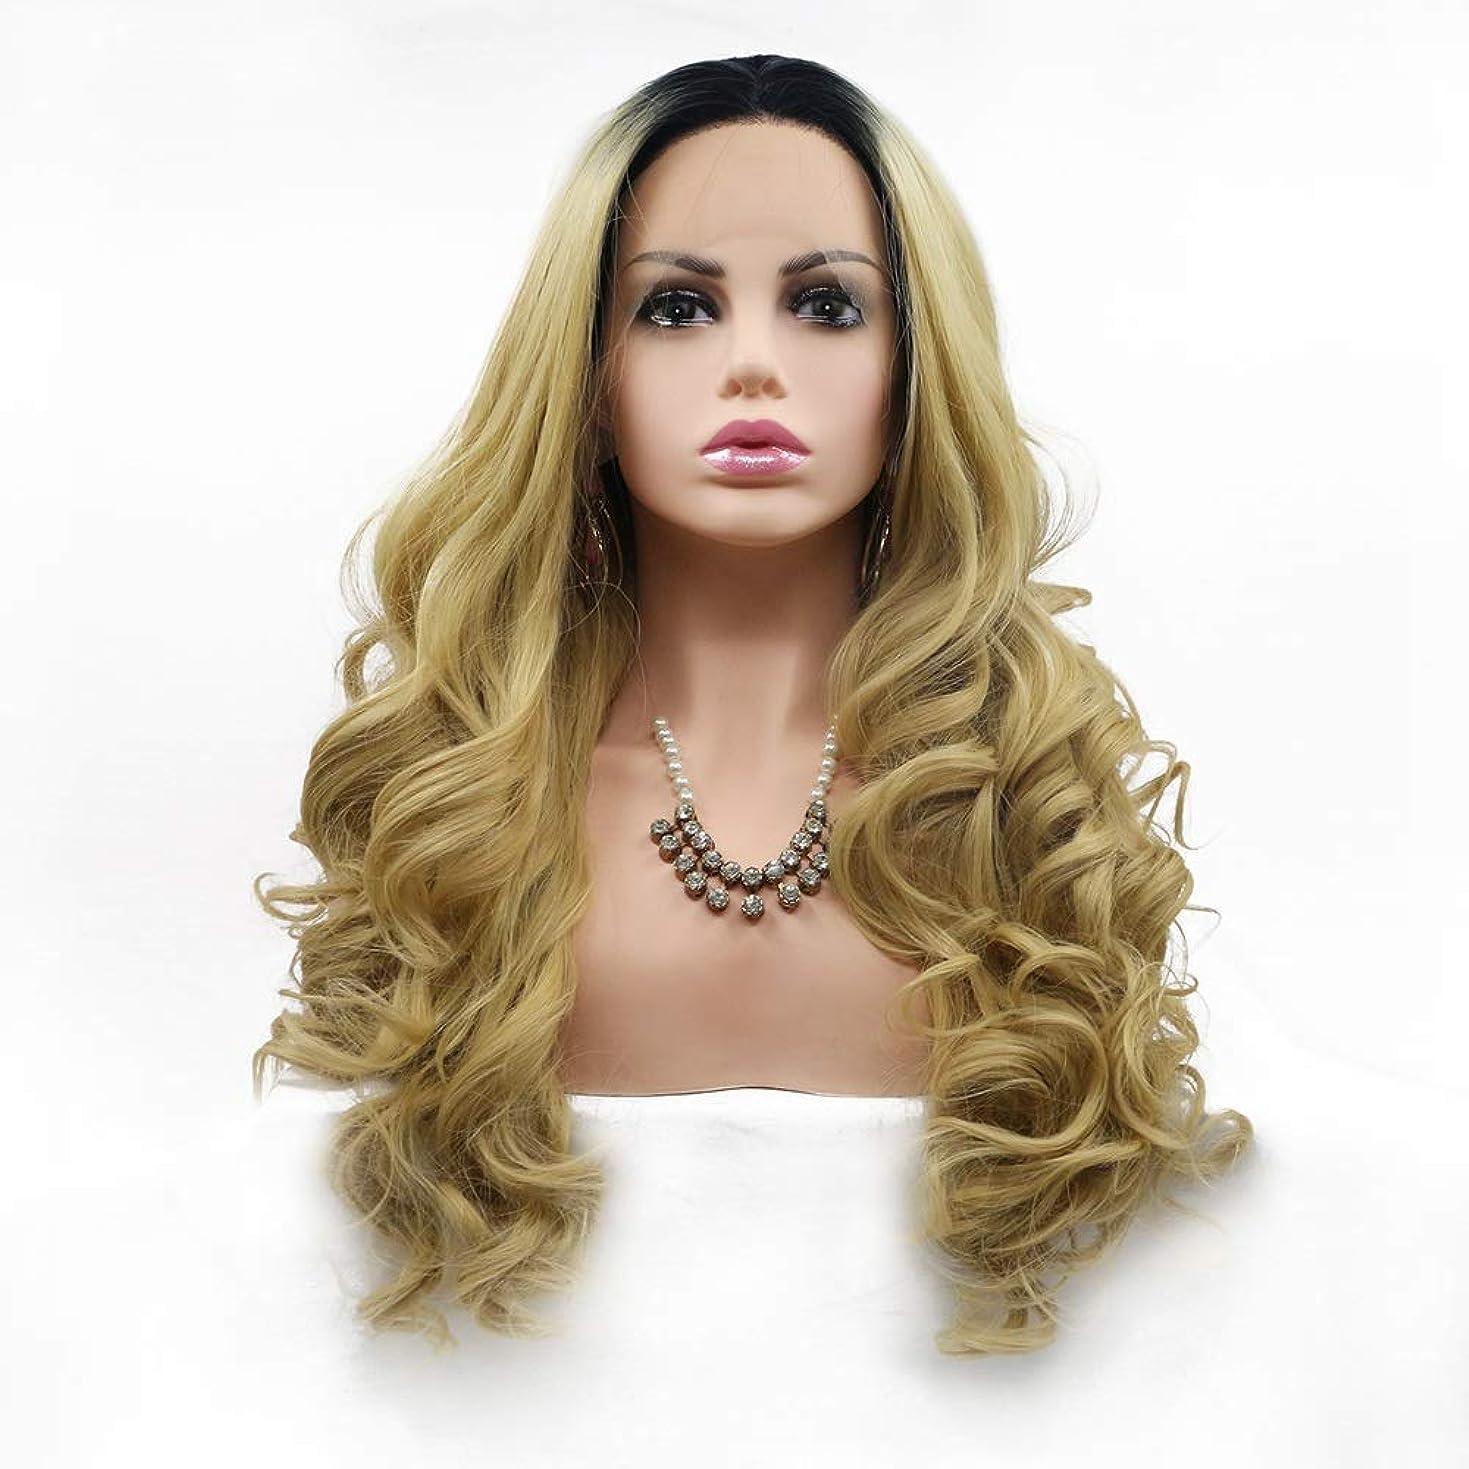 ブレーキエラーメンテナンスZXF 女性のヨーロッパとアメリカのかつらは化学繊維かつら髪セットの真ん中に設定 - 黒 - ピンク - グラデーション - 大容量 - 大きな波 - 長い髪 美しい